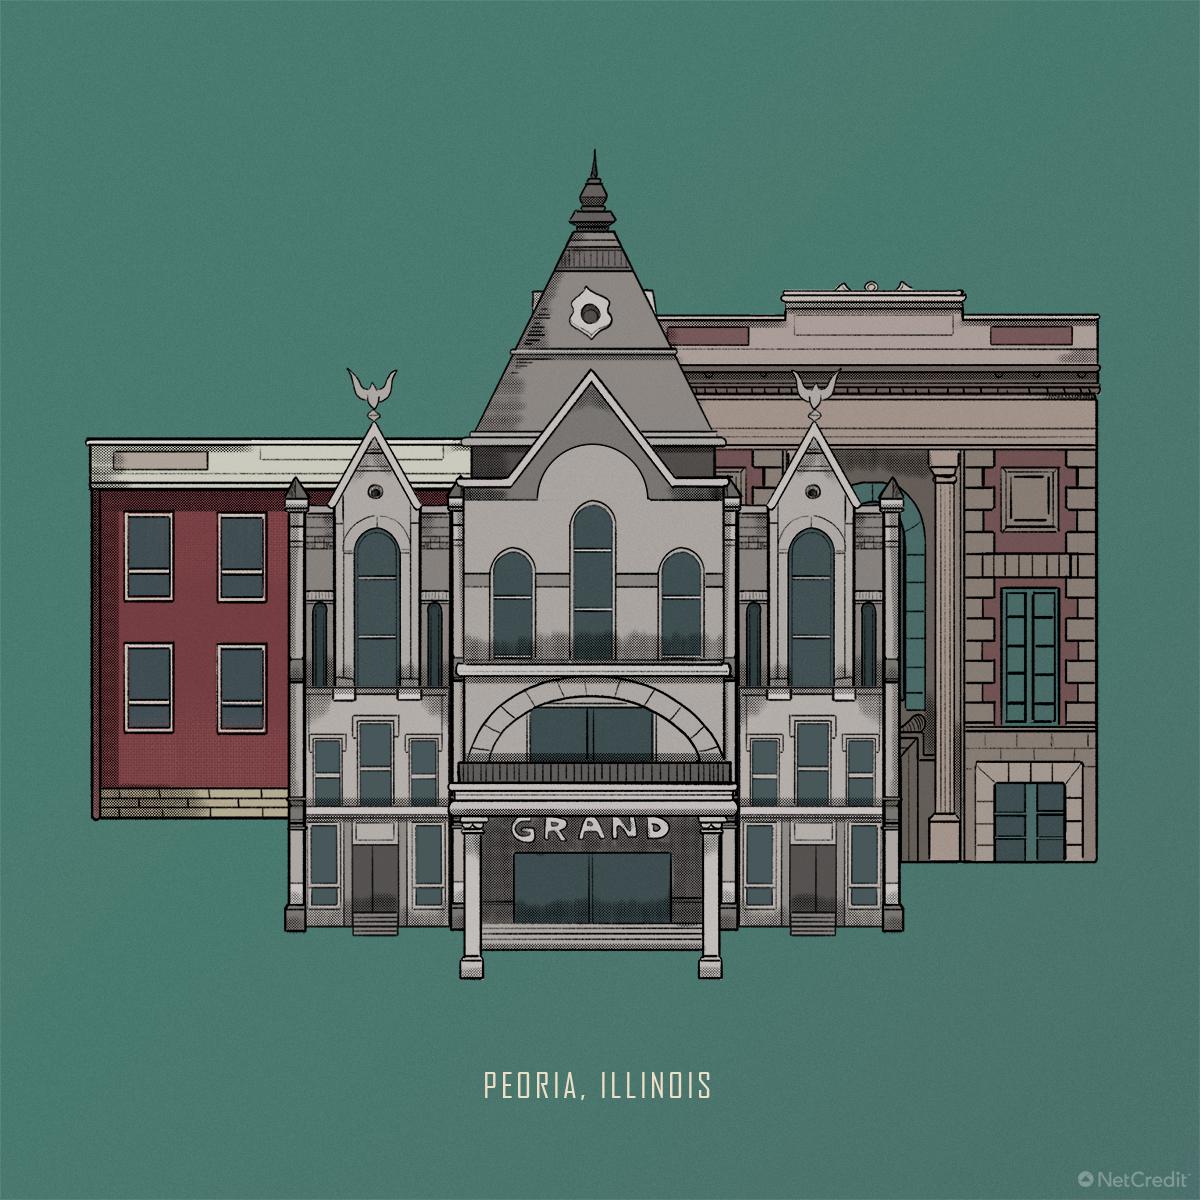 Peoria, Illinois